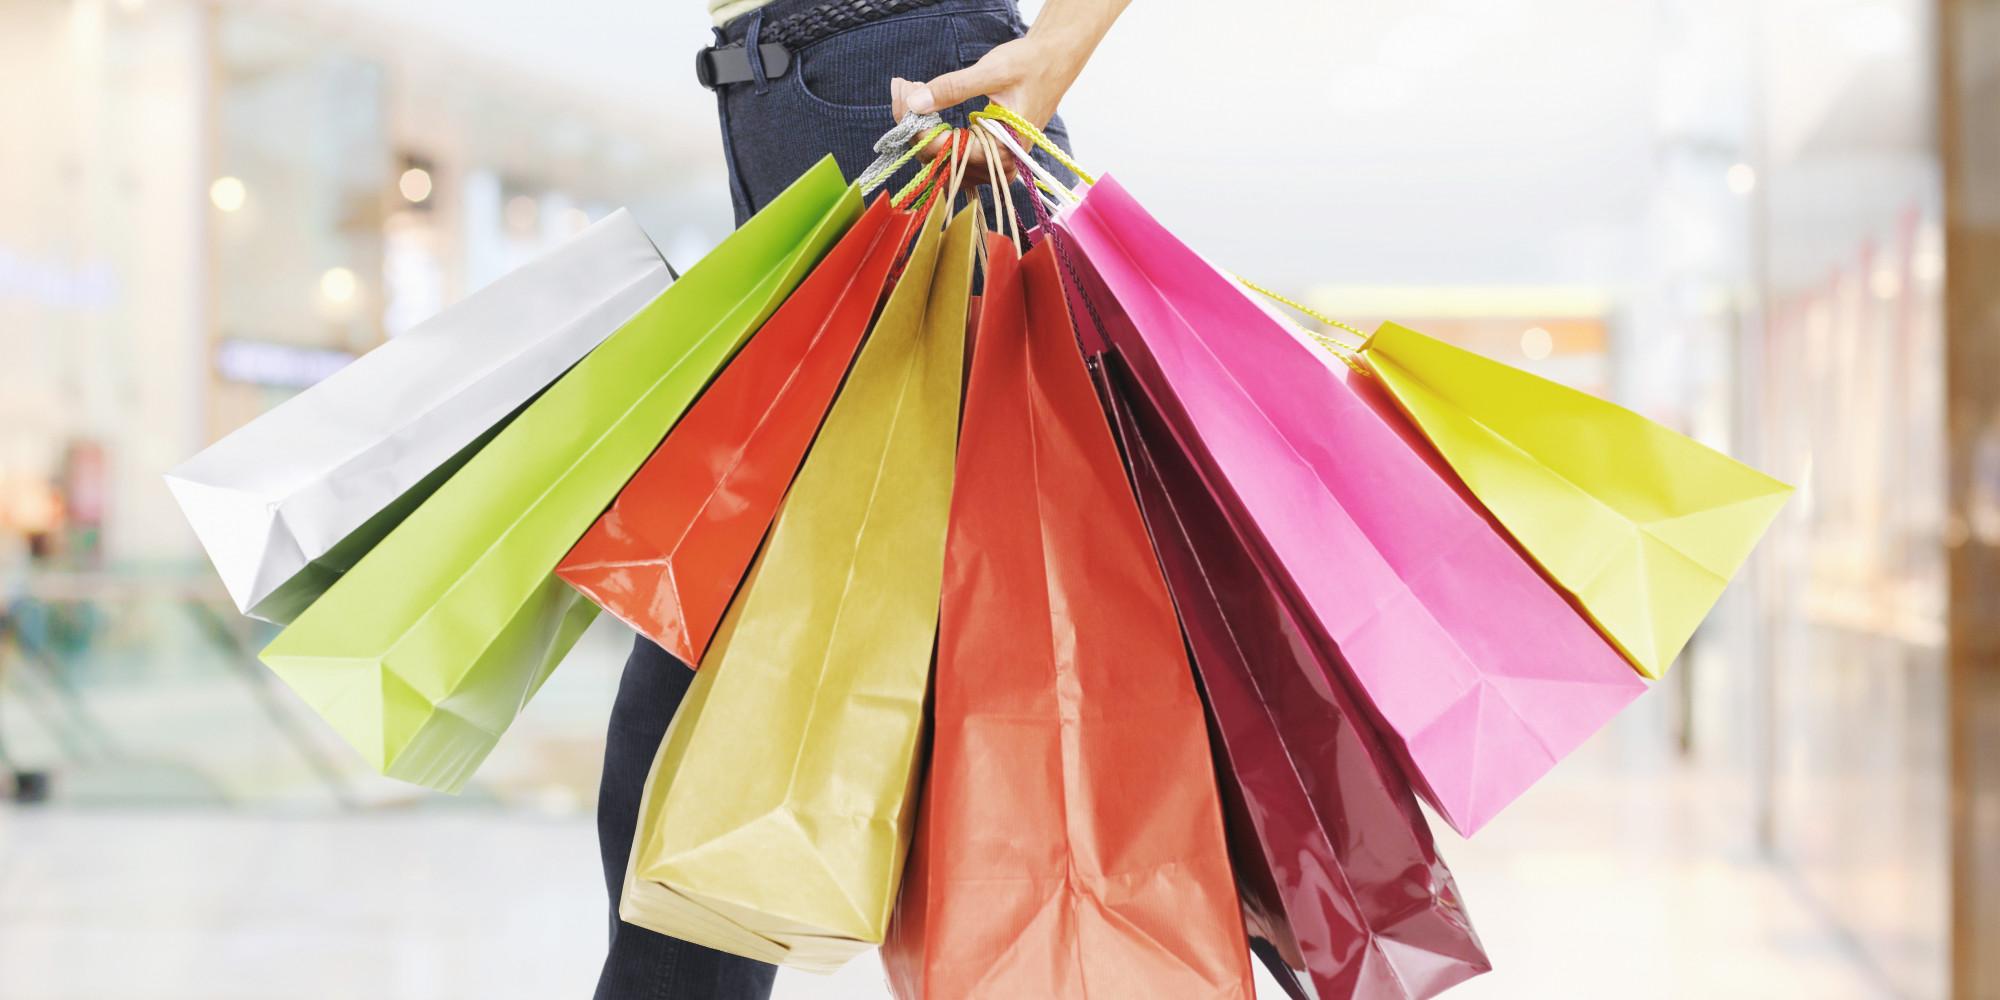 Tüketici Neyi Satın Alır: Algılanan Ürün Faydası